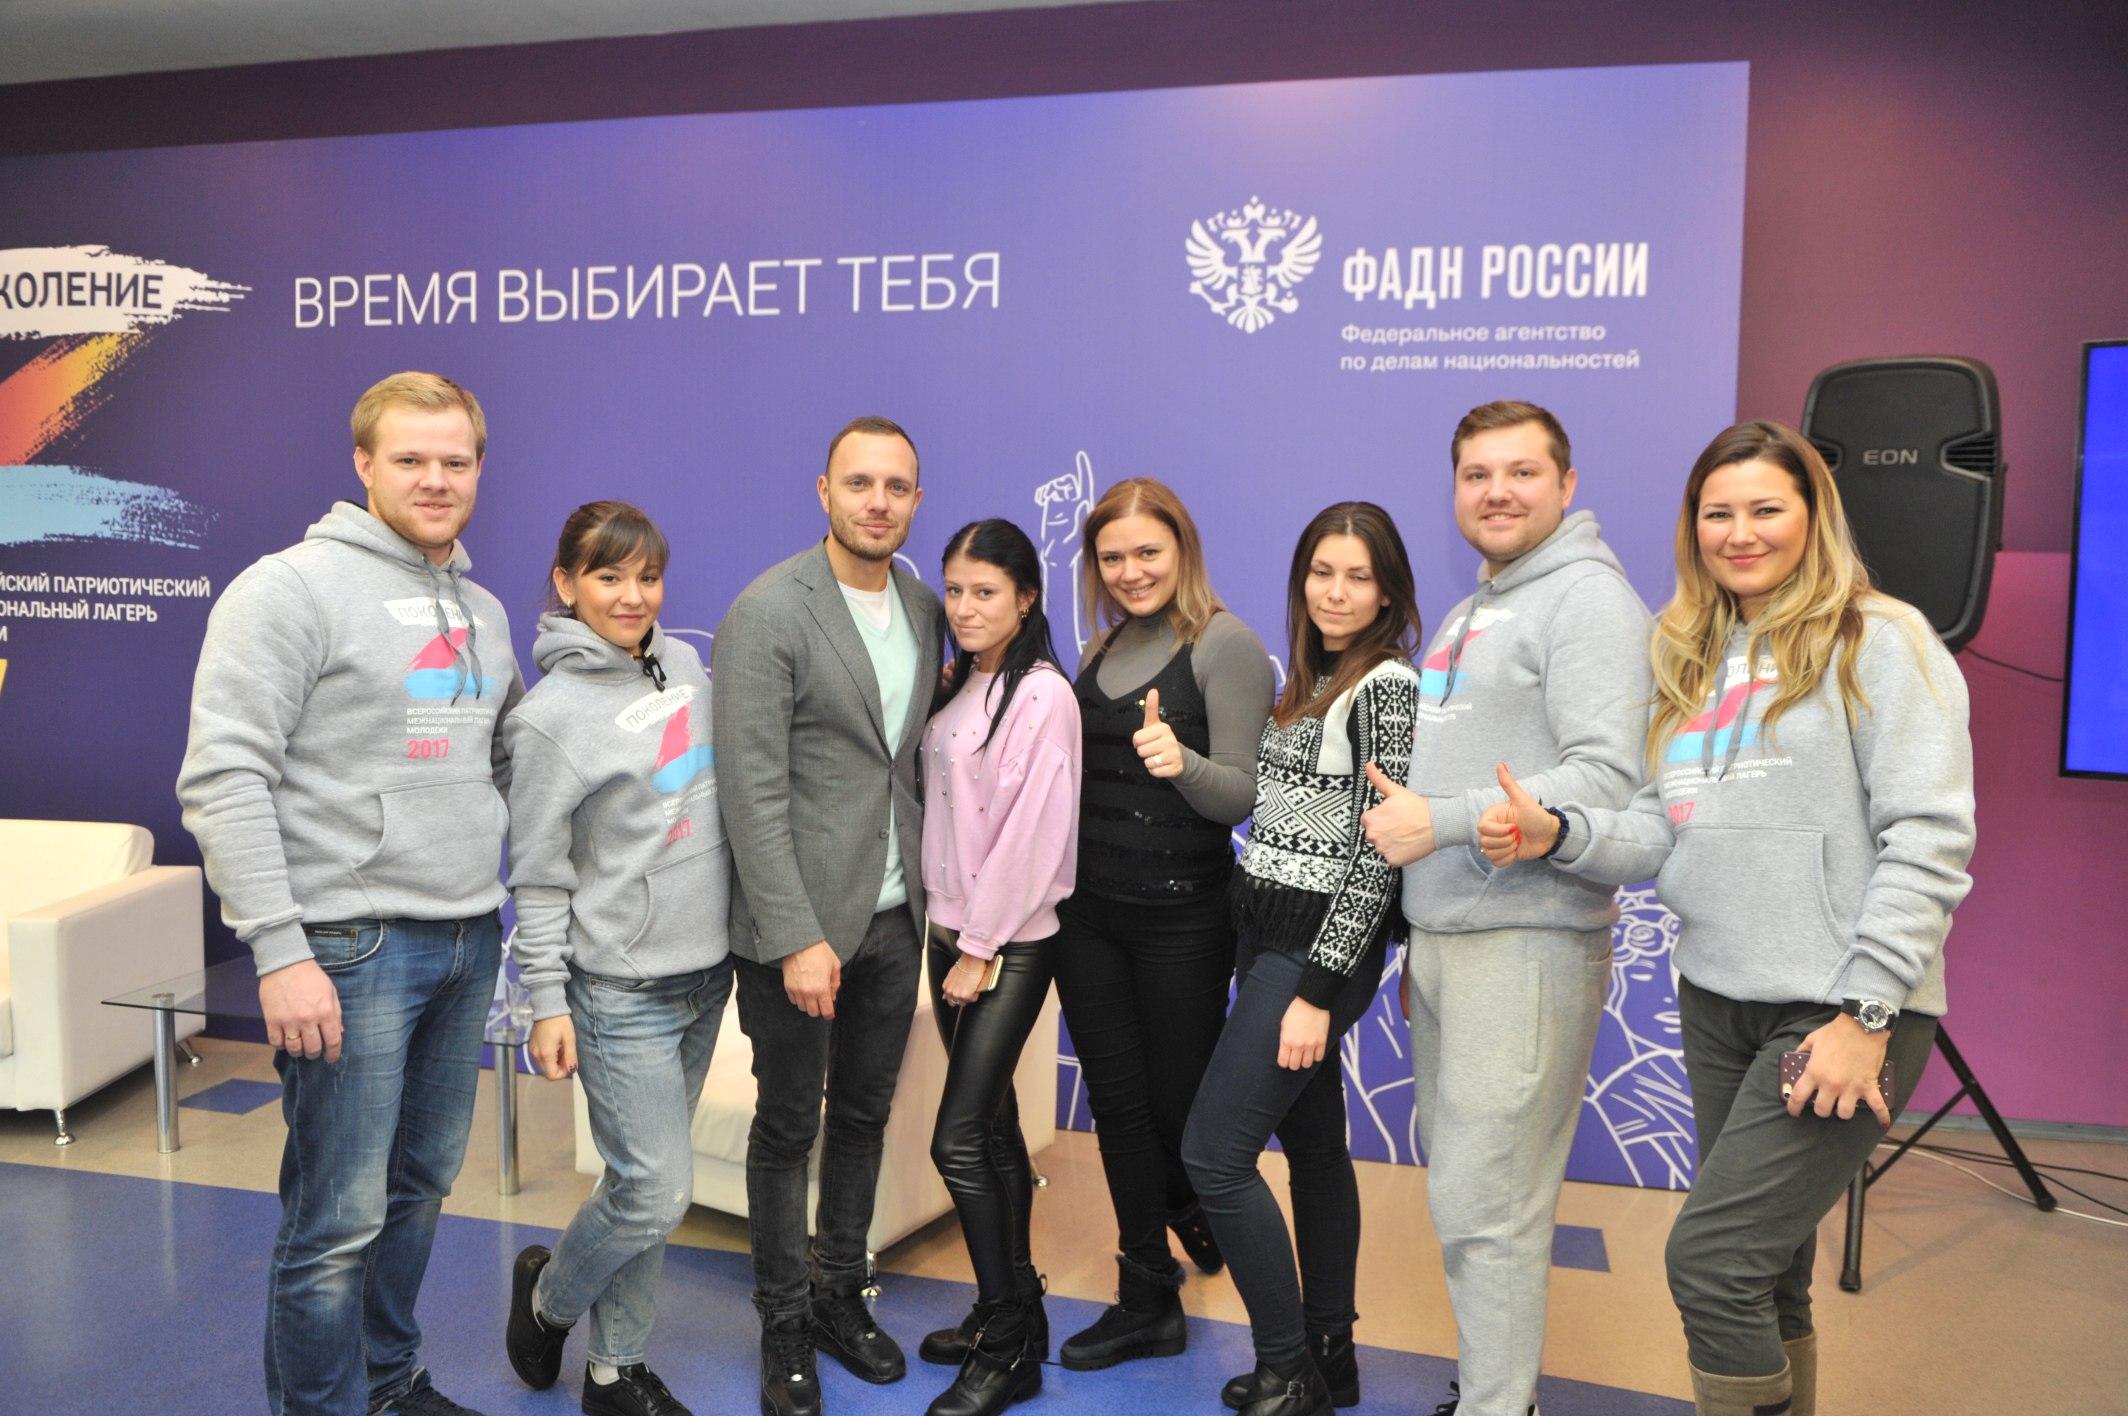 Телеведущий, шоумен, ведущий программы «Доброе утро» Тимур Соловьёв и организационный комитет лагеря